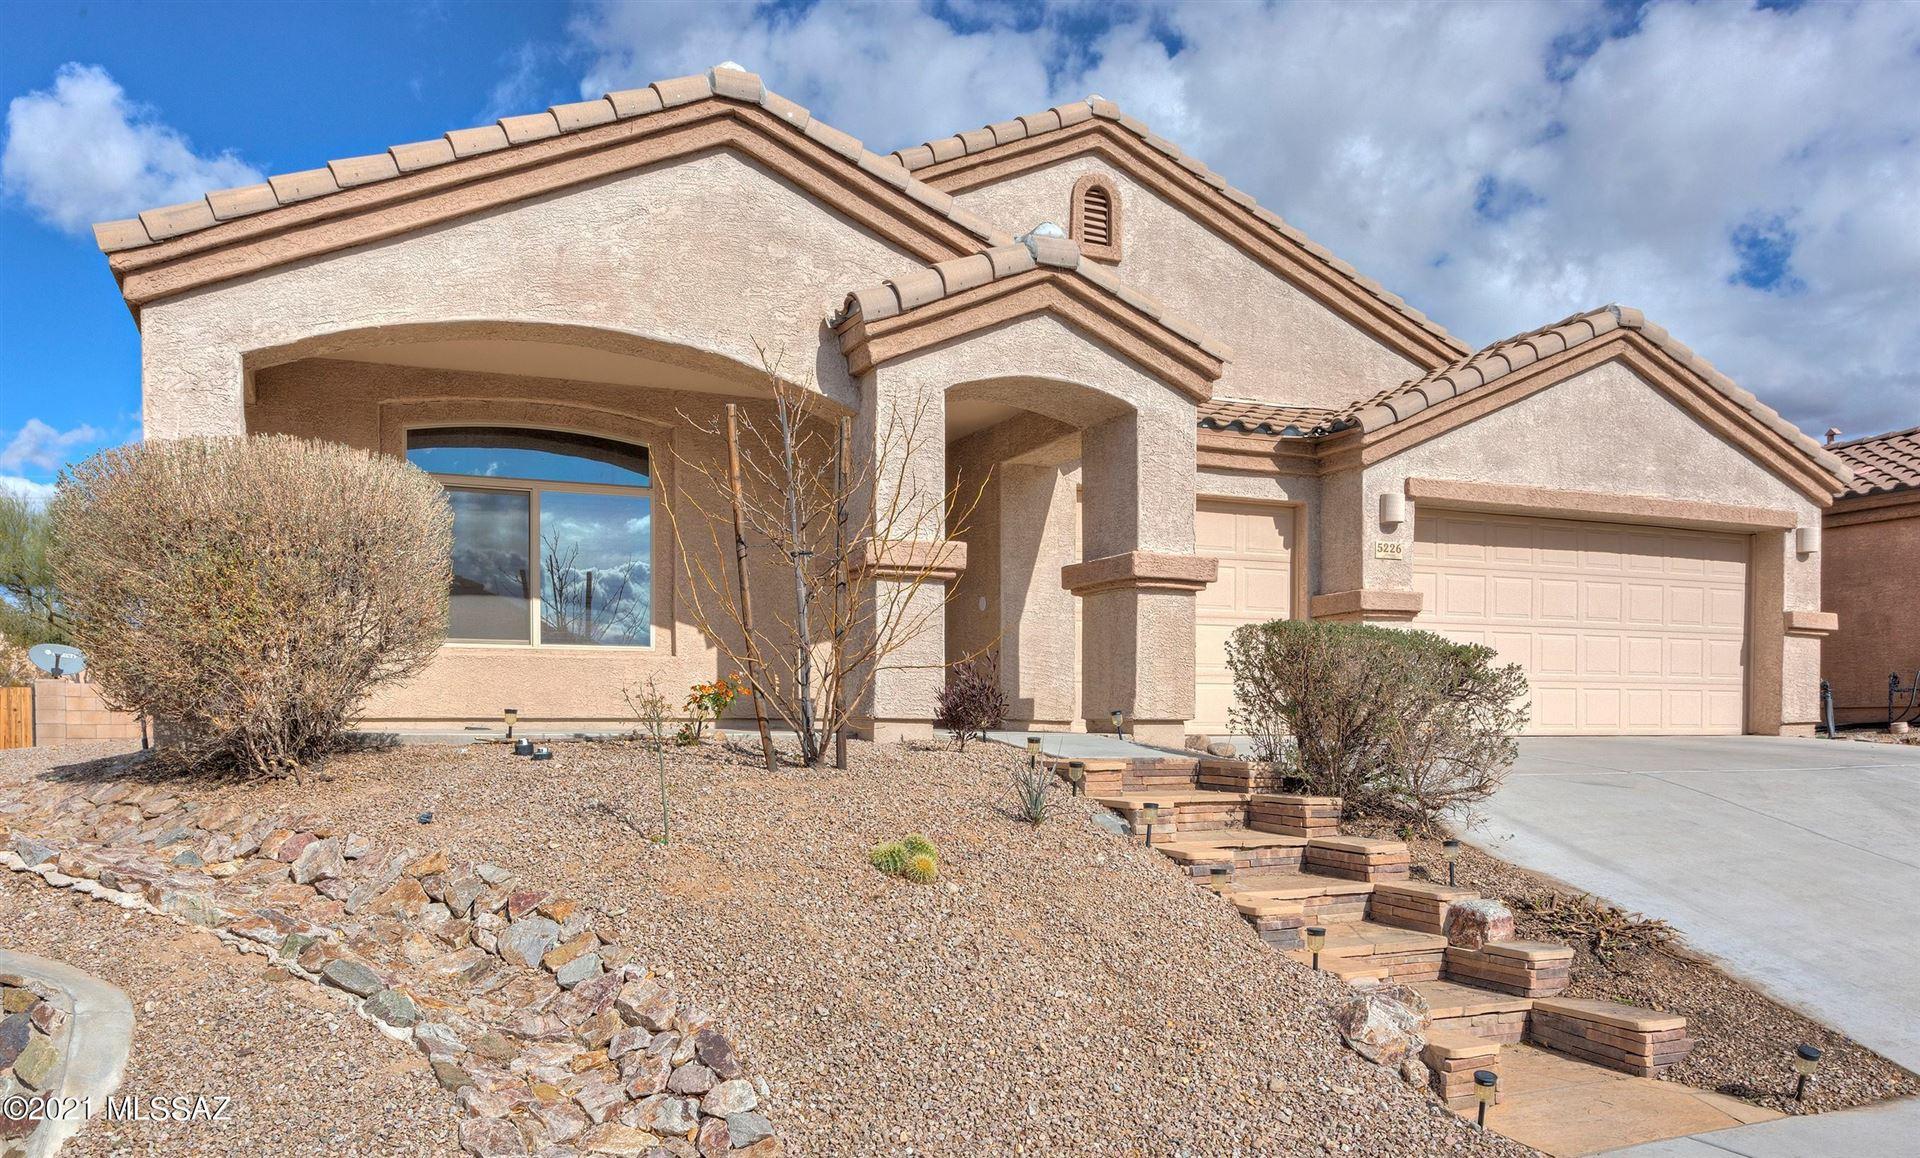 5226 W Spring Willow Court, Tucson, AZ 85741 - MLS#: 22101906